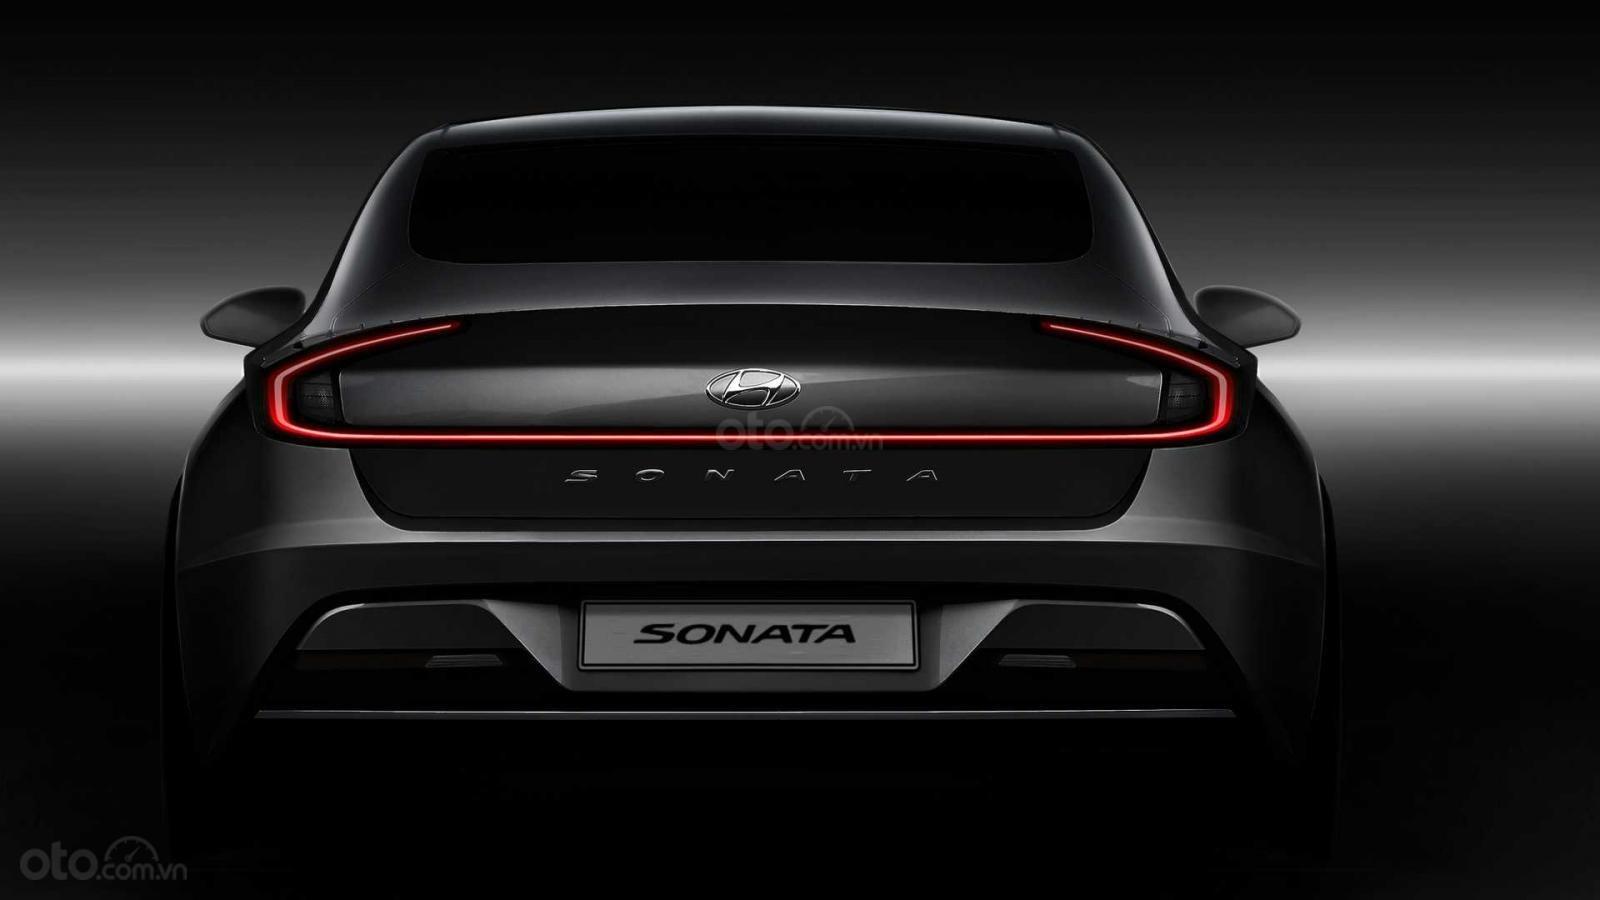 Ảnh đuôi xe Hyundai Sonata 2020